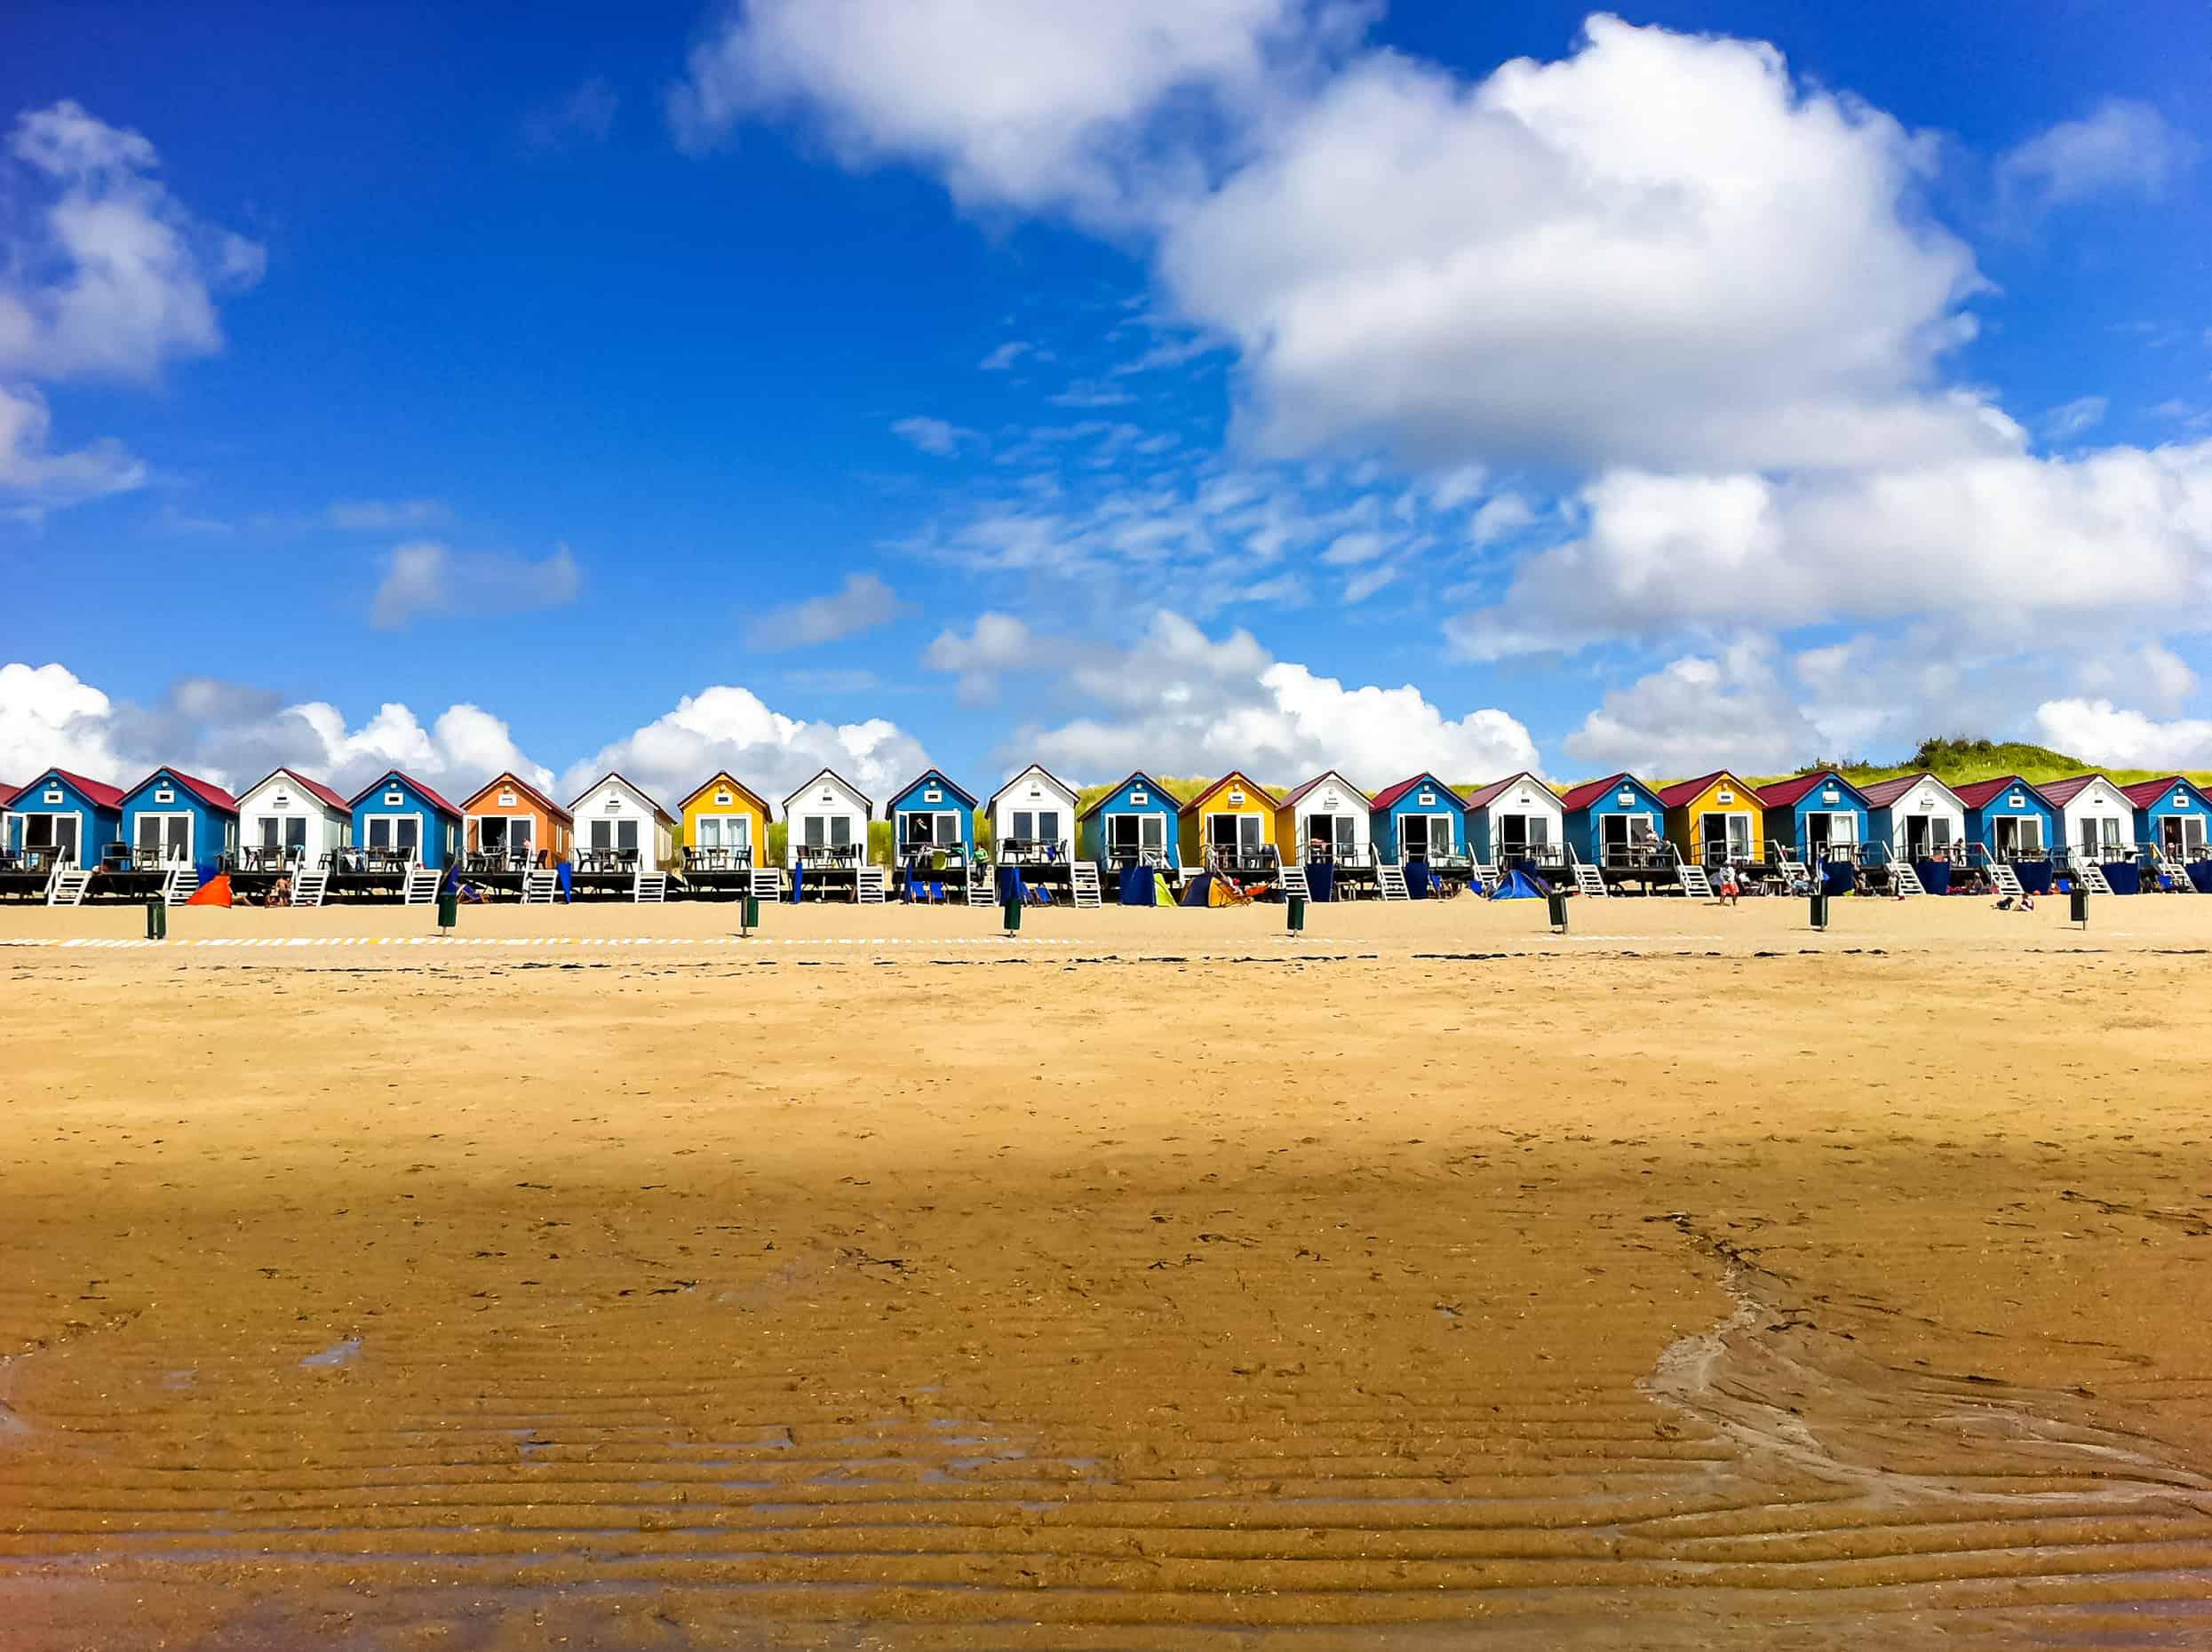 Kleurrijke huisjes op het strand in Vlissingen, Zeeland